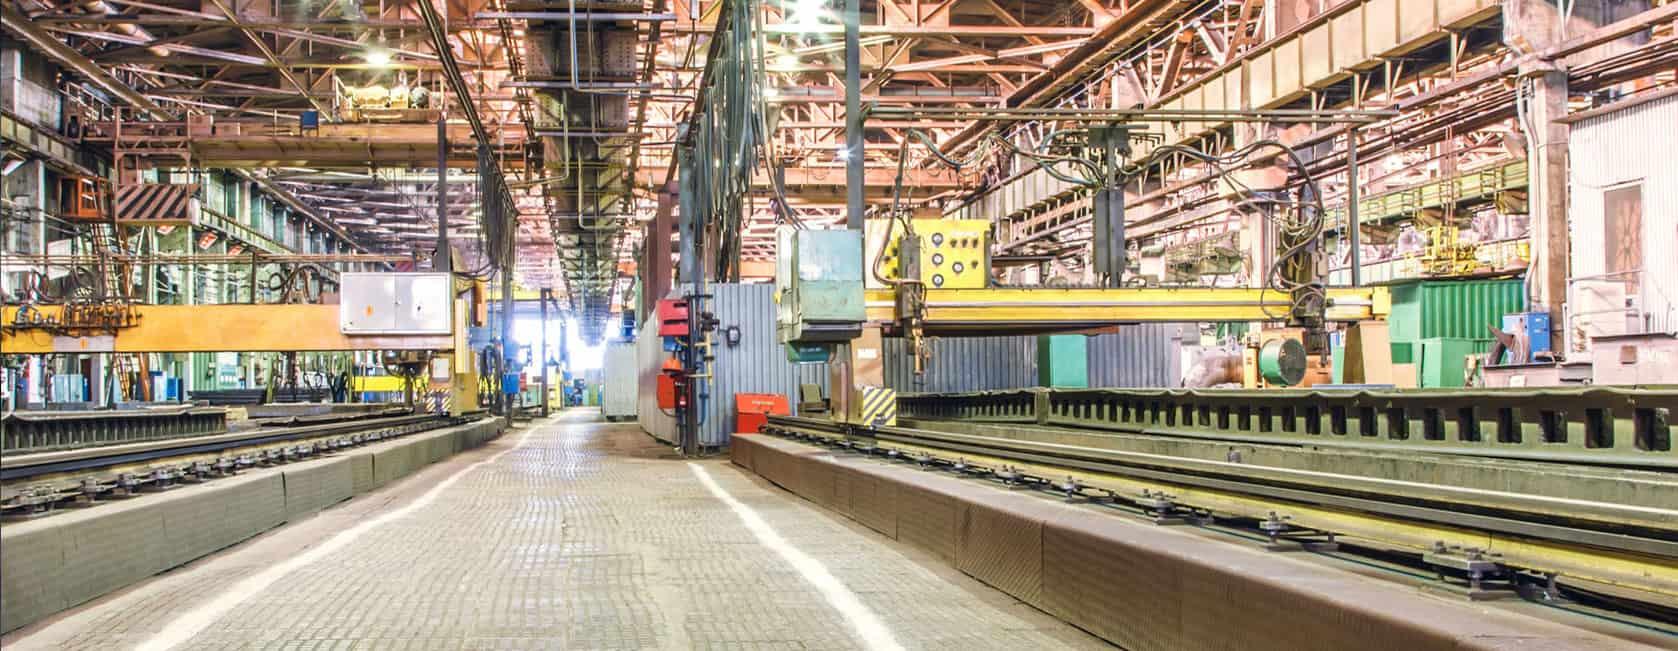 mercados industriales